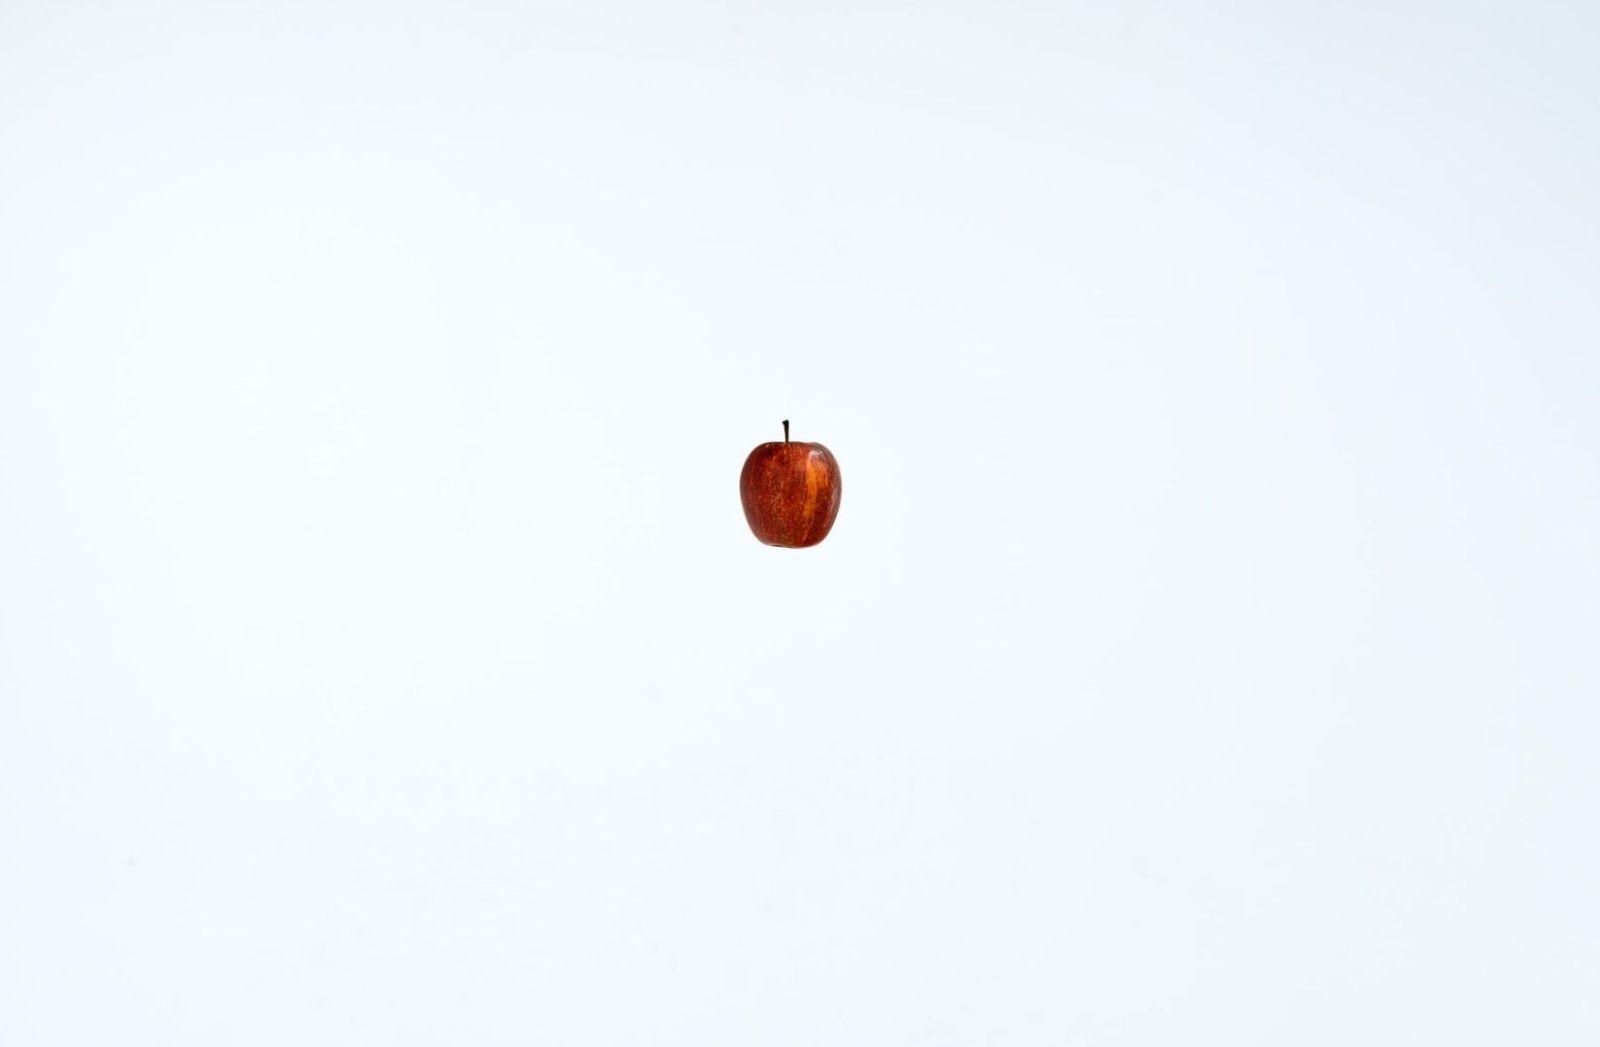 Der Apfel als Symbol des Zentralismus im Gegensatz zum Föderalismus. (Foto: Helio Dilolwa, Unsplash.com)